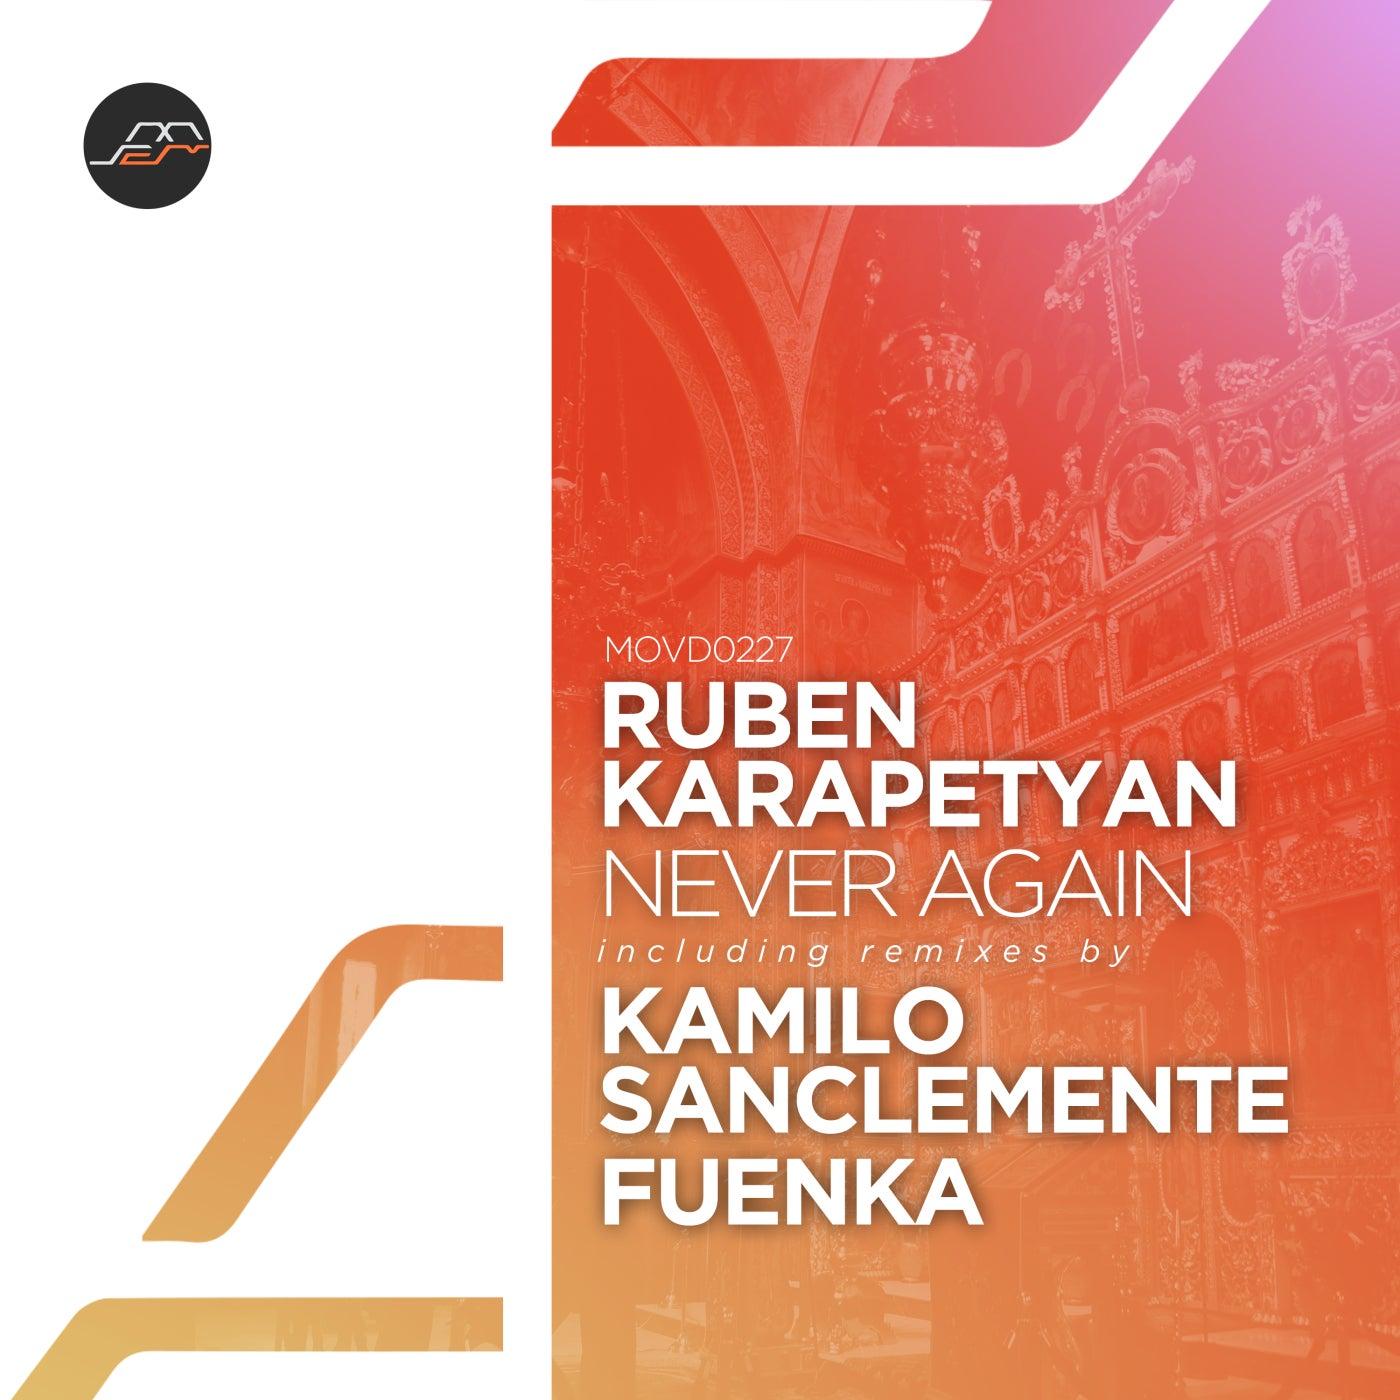 Never Again (Original Mix)